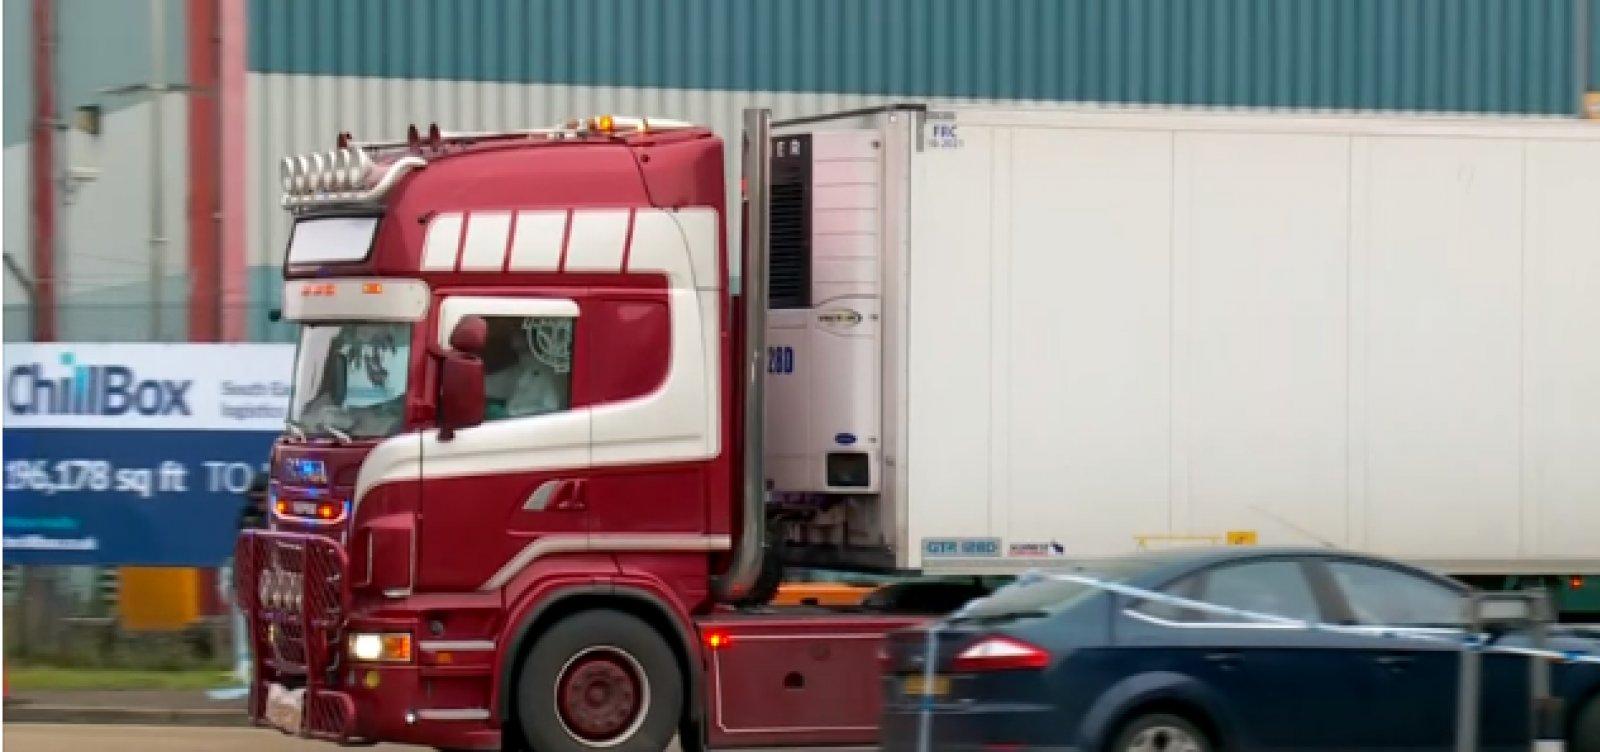 [Polícia britânica encontra 39 corpos dentro de caminhão em Reino Unido]